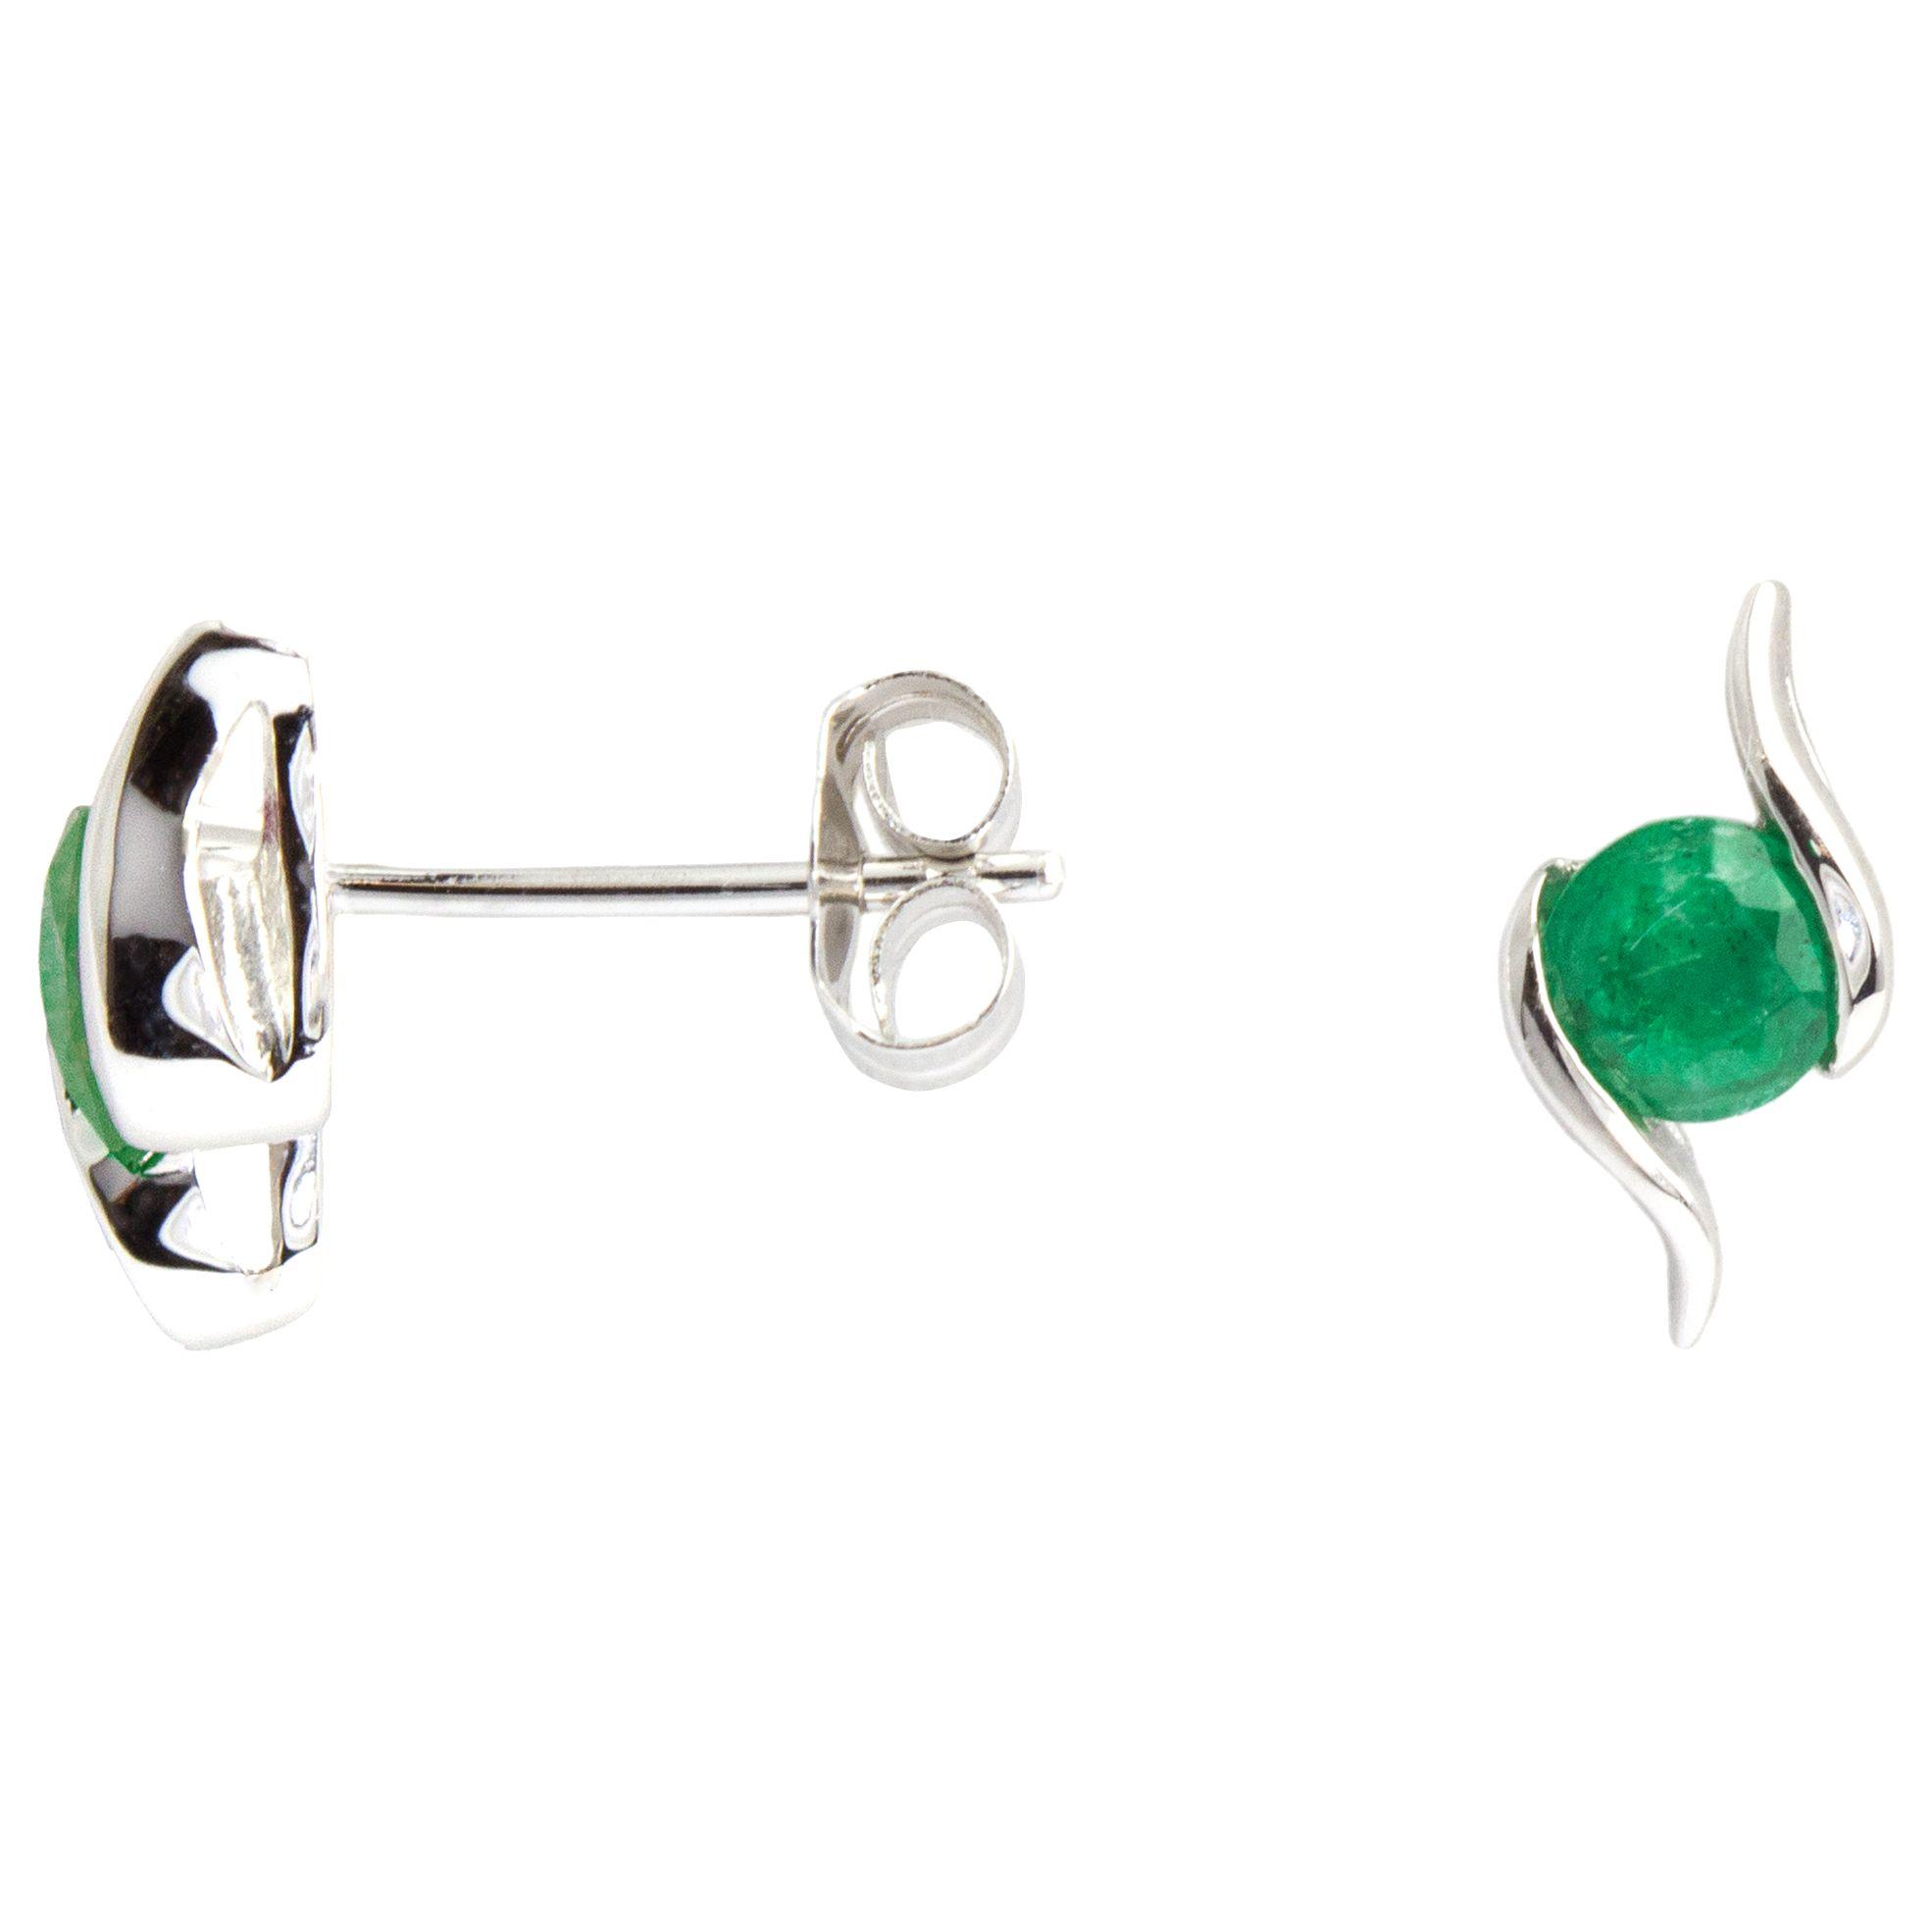 A B Davis A B Davis 9ct White Gold Emerald Propeller Stud Earrings, 0.4ct